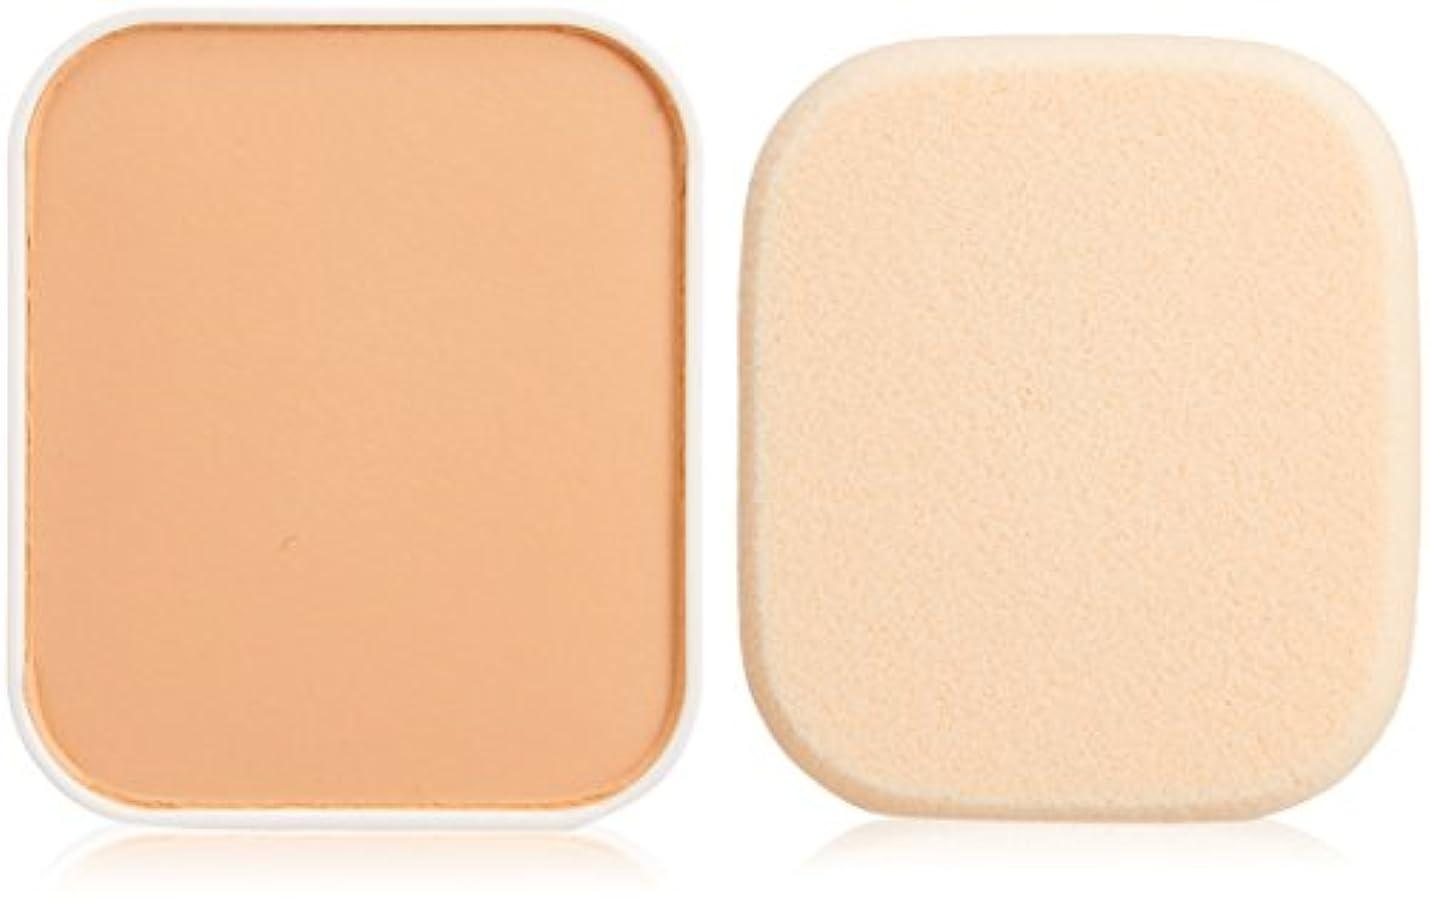 ルーフ写真を撮るアクチュエータインテグレート グレイシィ ホワイトパクトEX ピンクオークル10 (レフィル) 赤みよりで明るめの肌色 (SPF26?PA+++) 11g